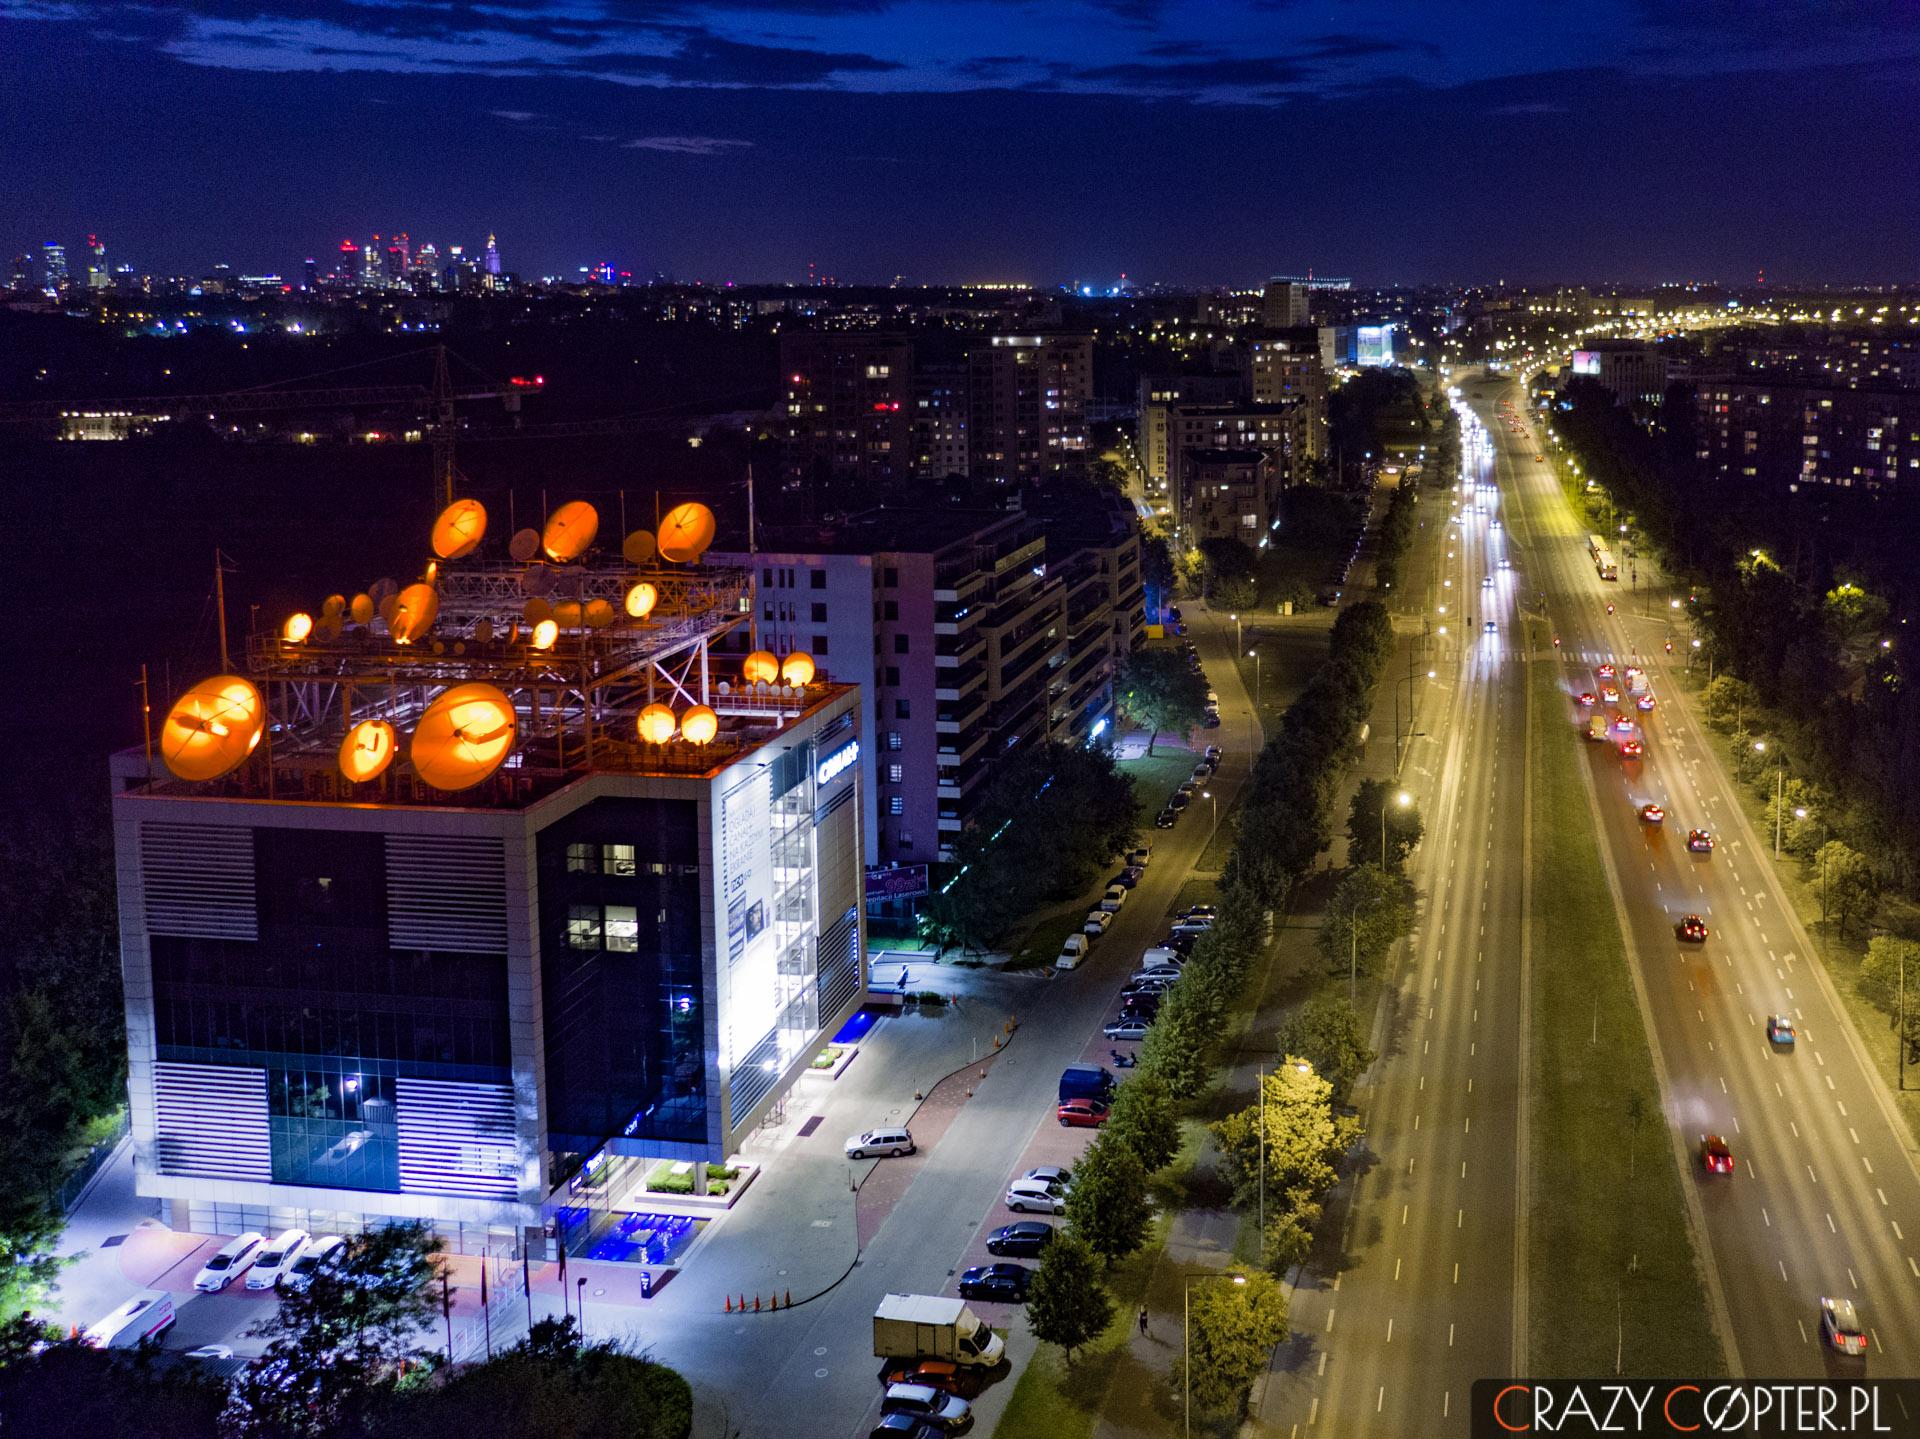 Nocne zdjęcie zdrona wWarszawie przedstawiające budynek Canal+